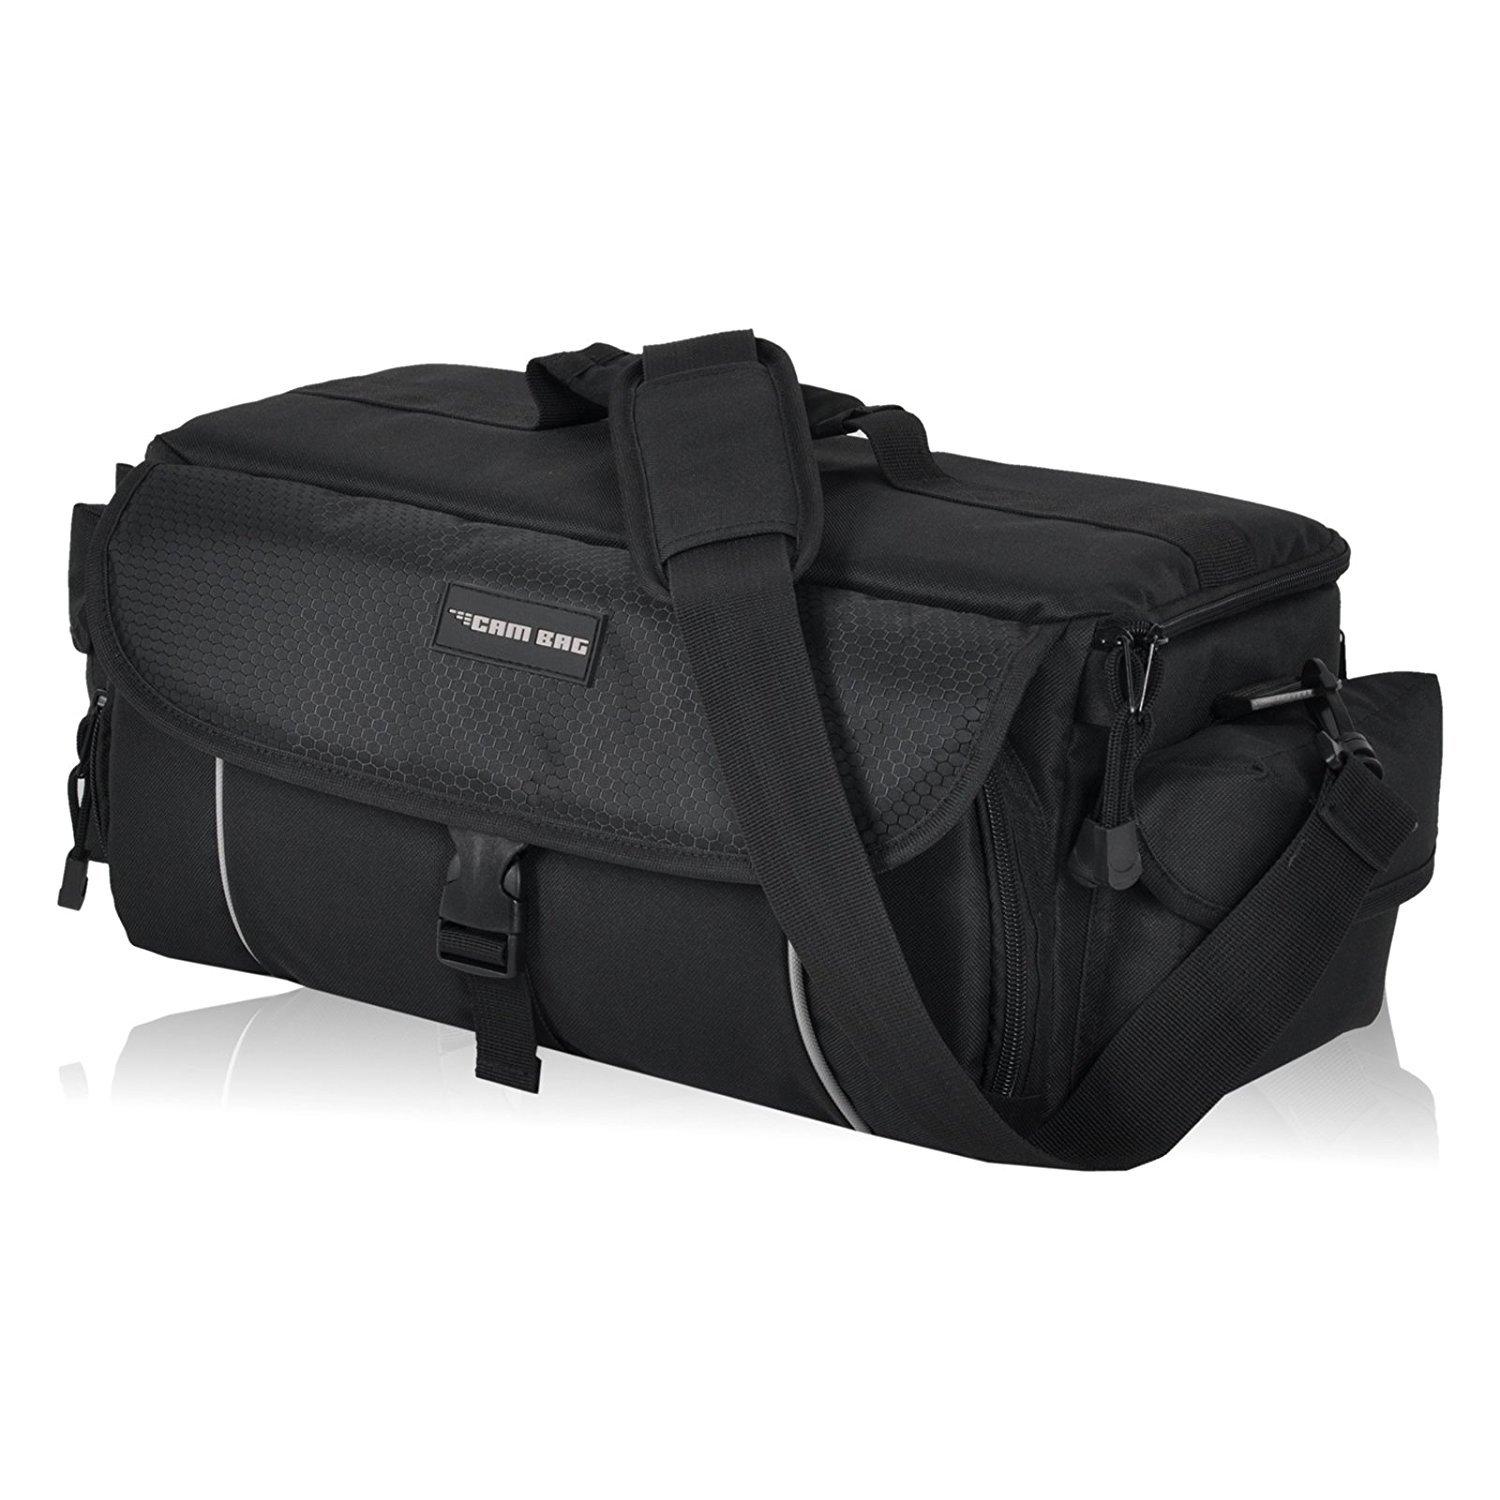 Kameratasche CAMBAG Fototasche Video D-SLR Kamera mit Wechselobjektive und Zubehör, Grösse M - XL Schwarz AUSWAHL (Cambridge - XL) 720